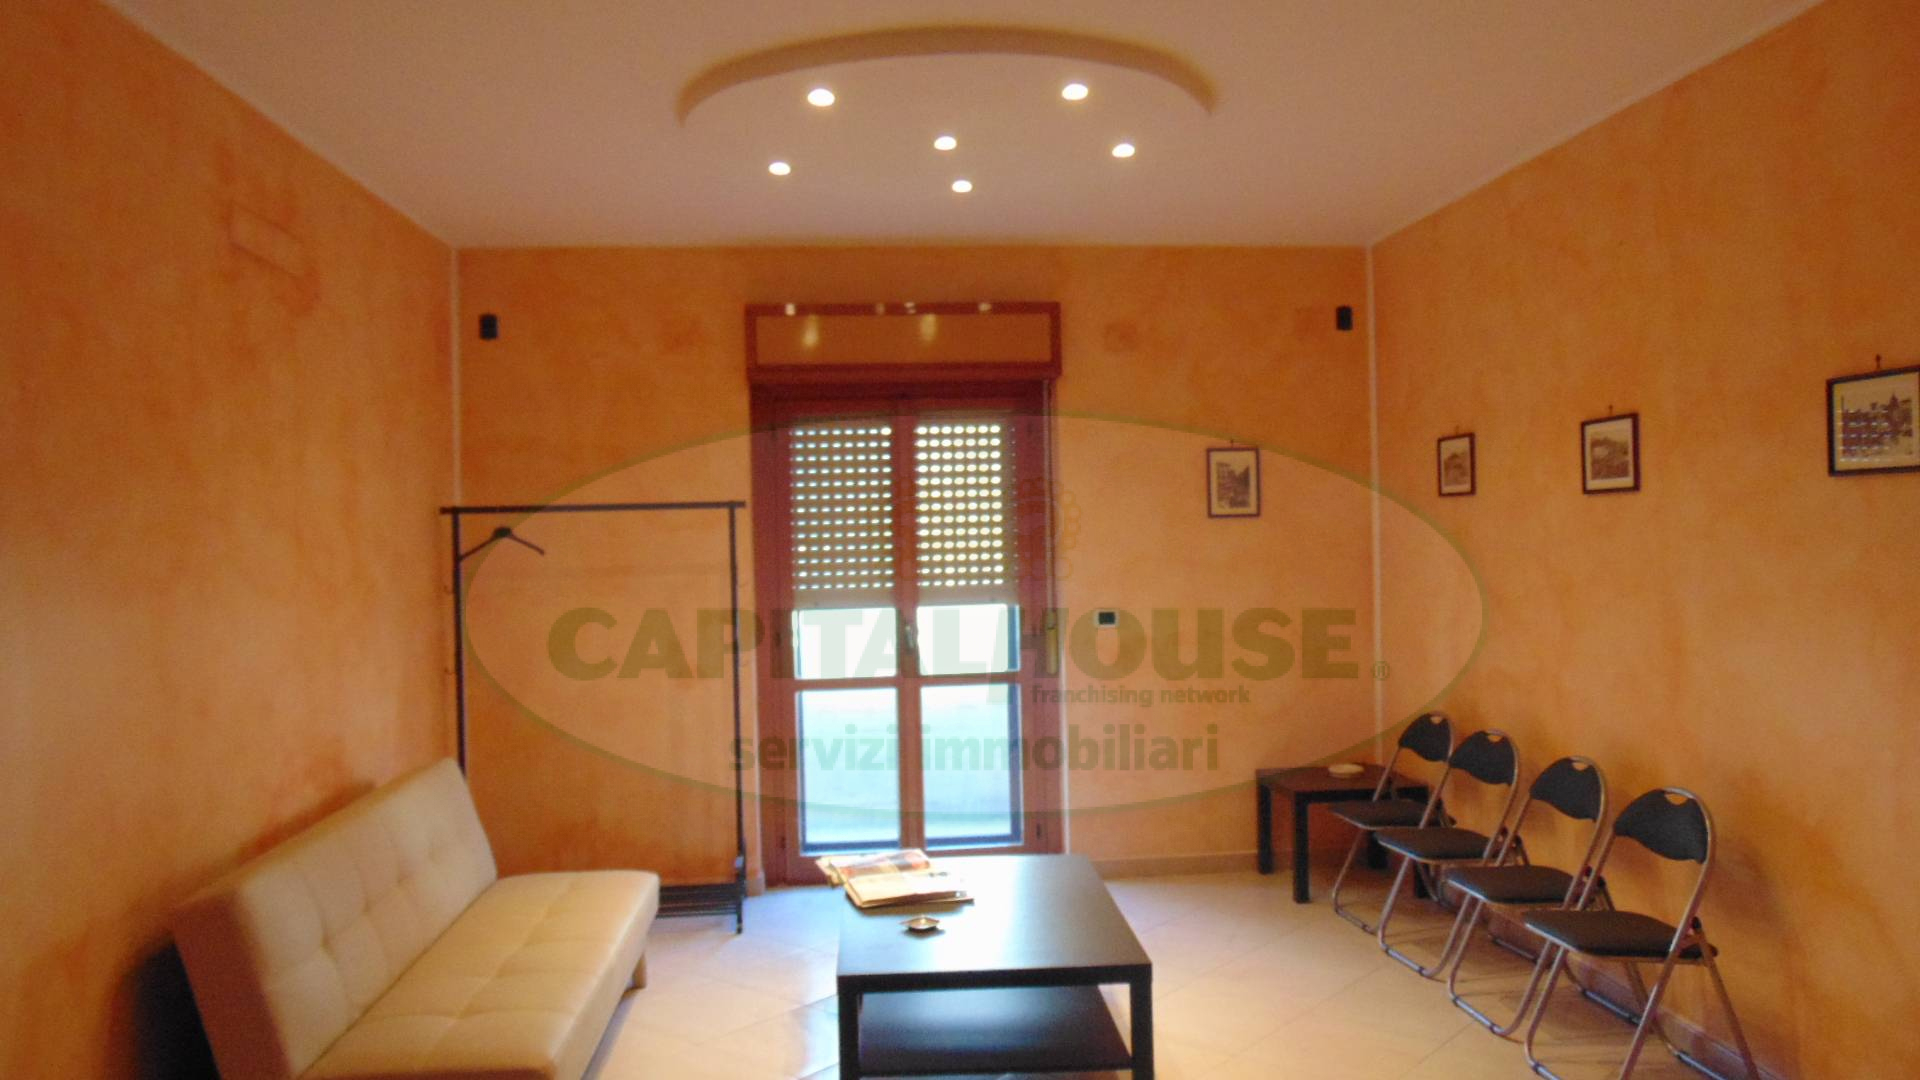 Appartamento in vendita a Mugnano del Cardinale, 3 locali, prezzo € 98.000 | CambioCasa.it